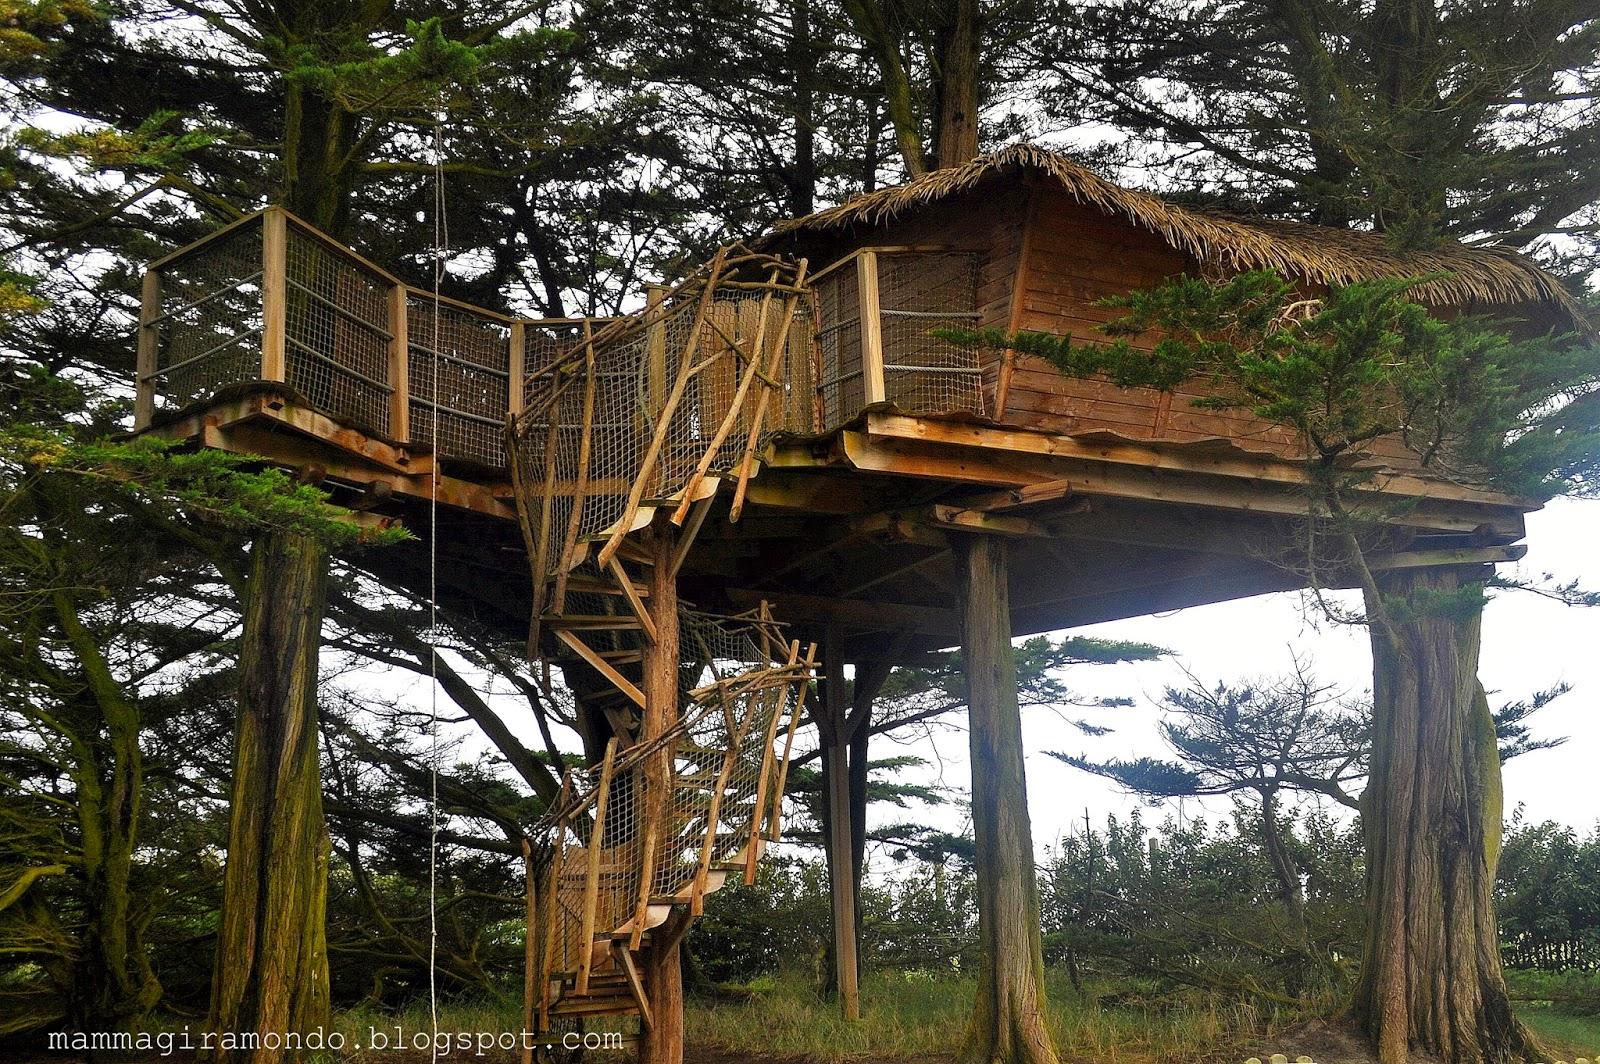 Dormire in una casa sull 39 albero in bretagna - Casa sugli alberi ...